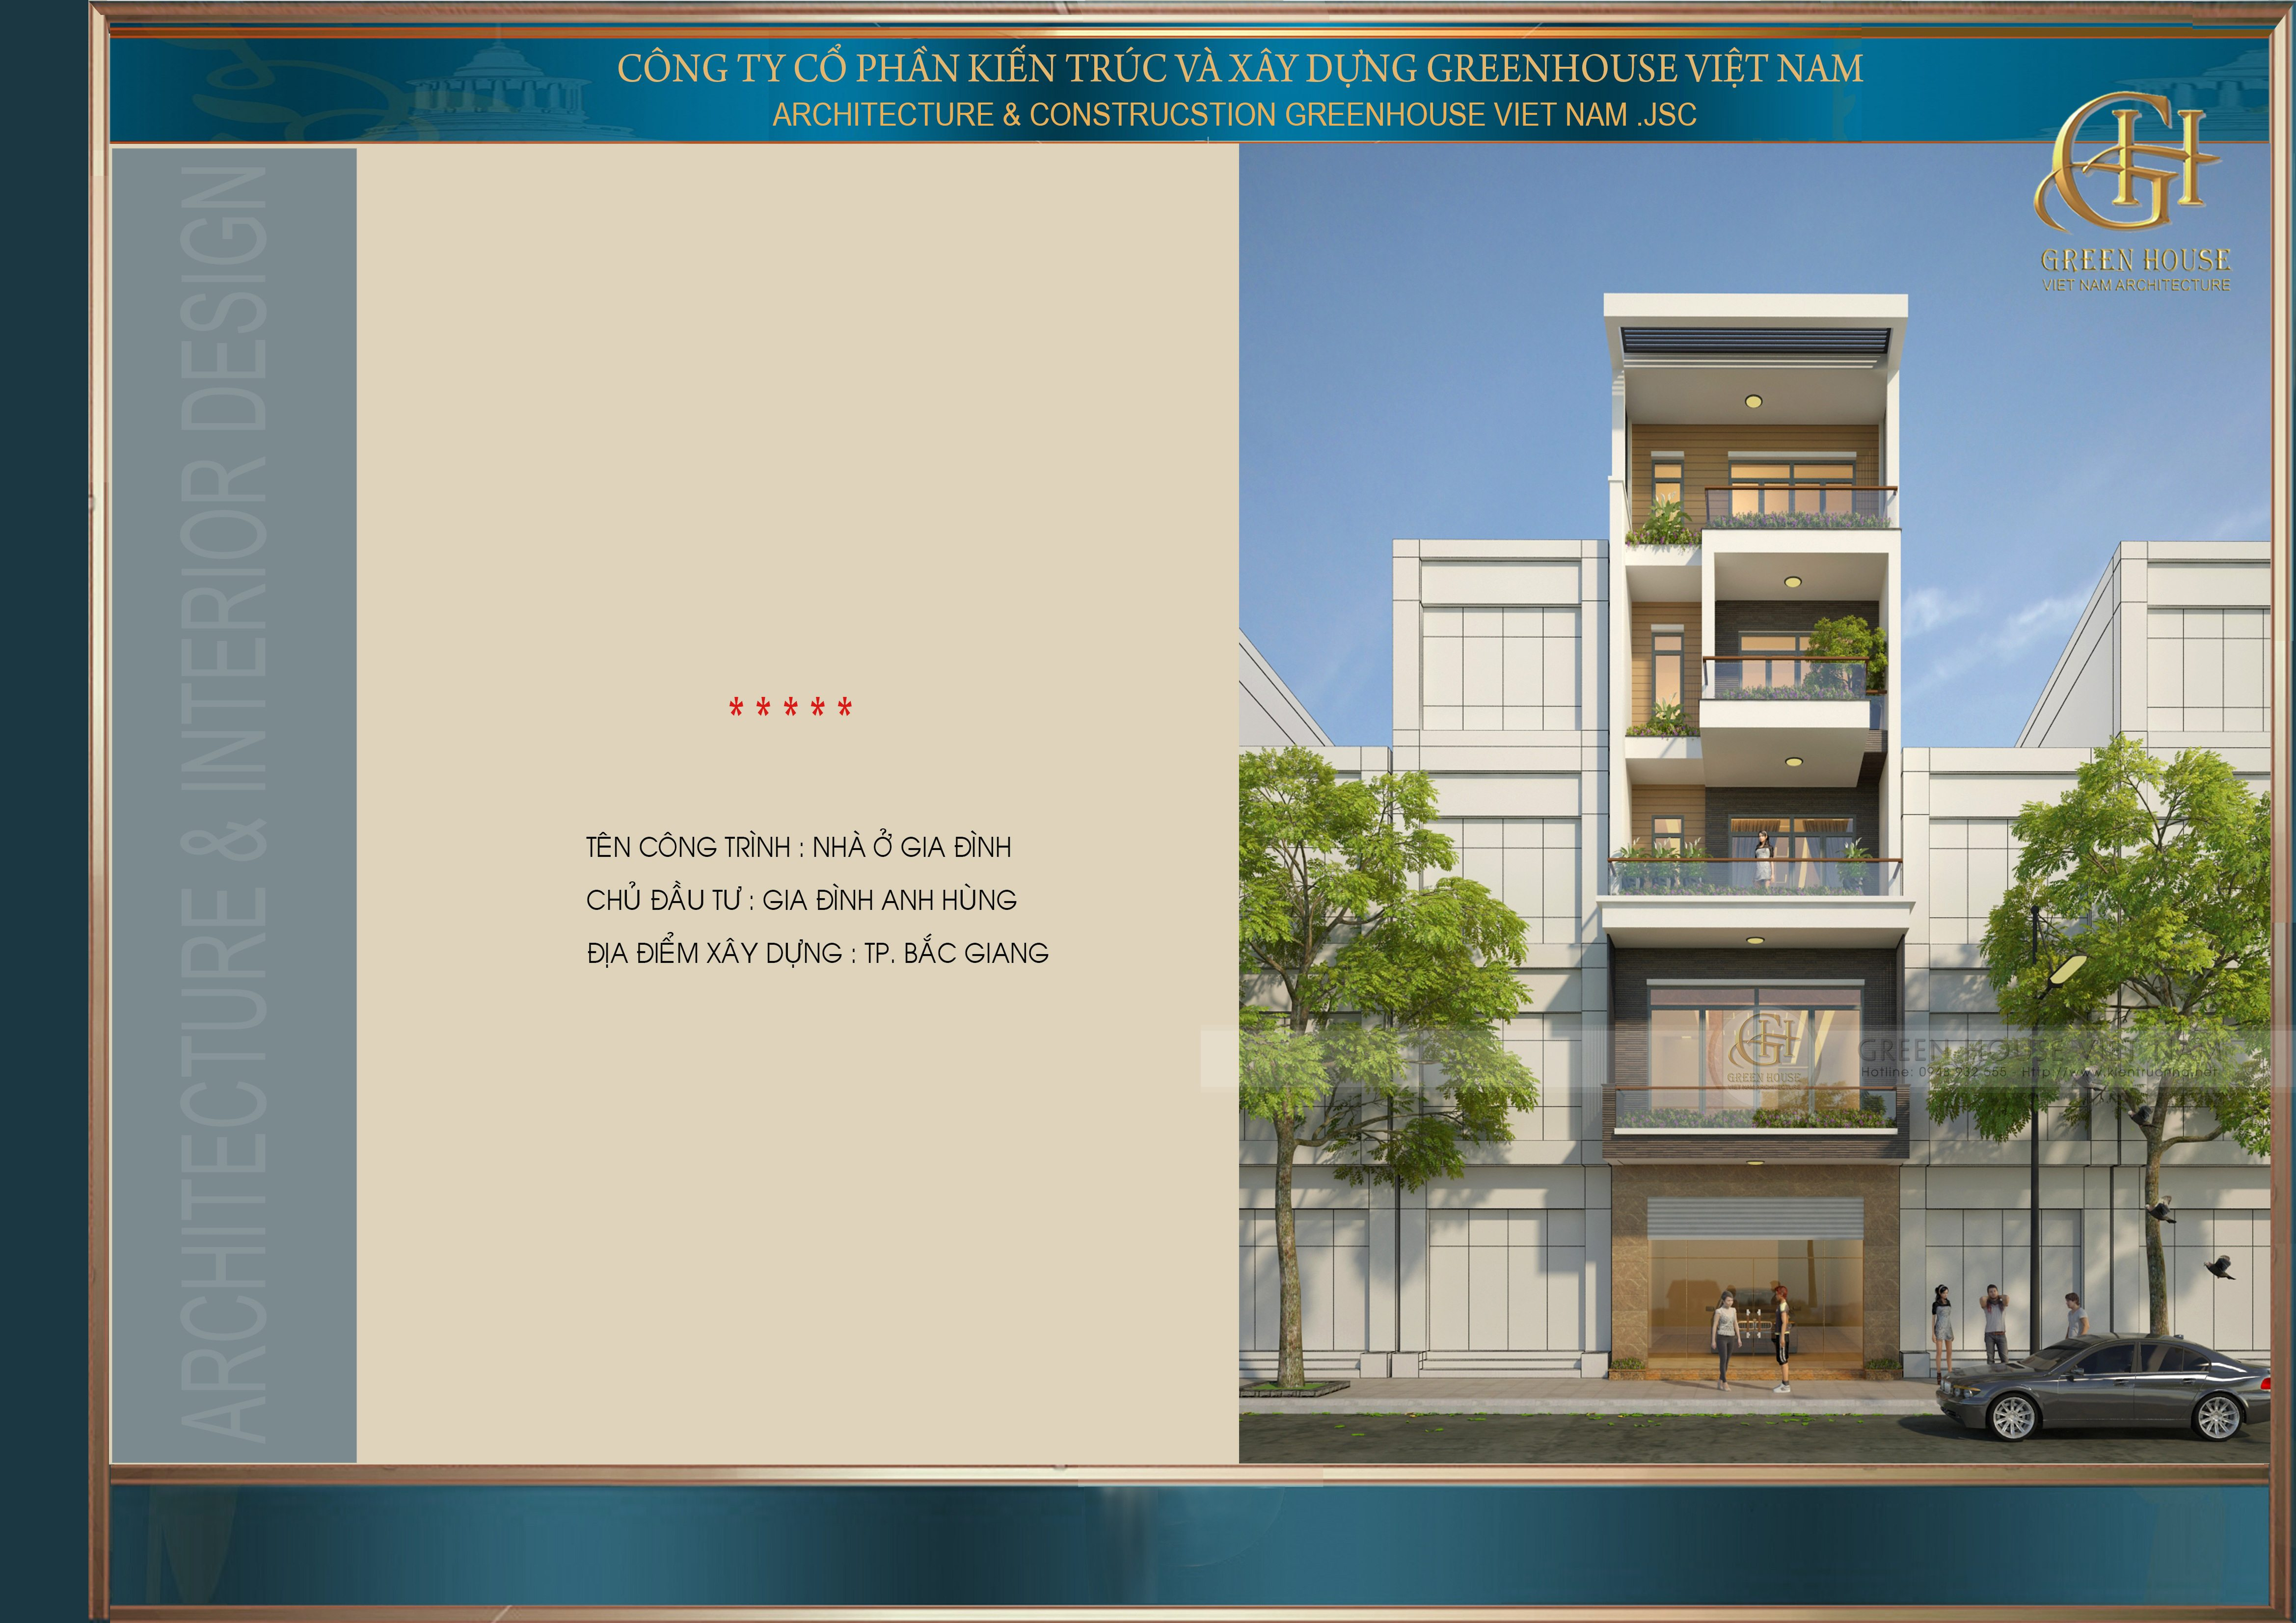 Thiết kế nhà lô phố : gia đình anh Hùng- Tp Bắc Giang